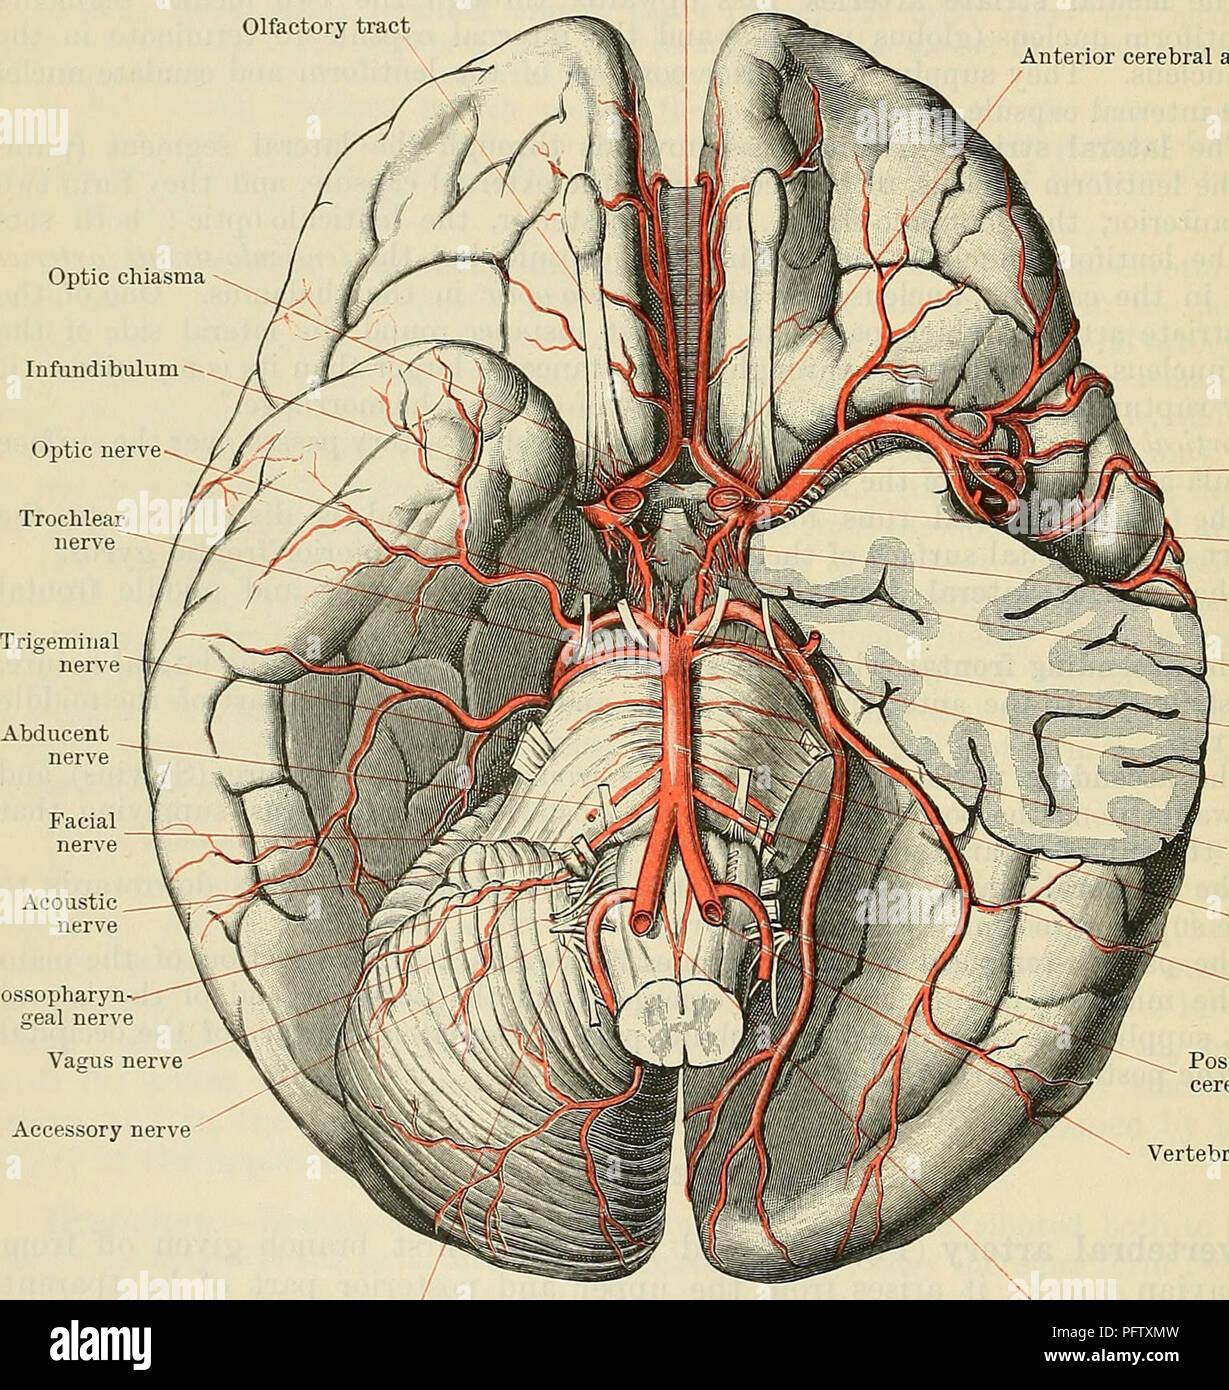 Occipital Nerve Imágenes De Stock & Occipital Nerve Fotos De Stock ...